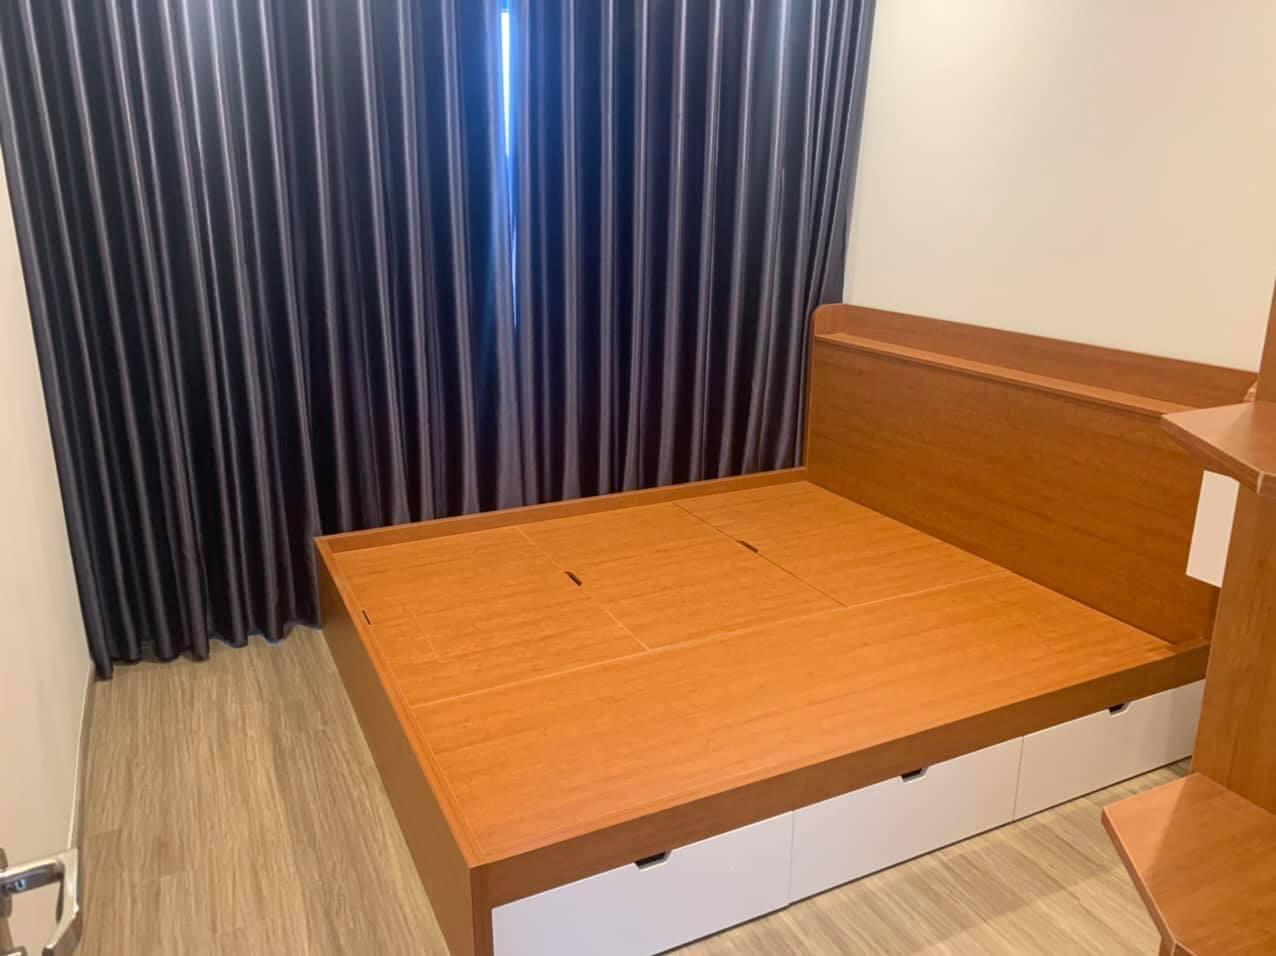 Căn hộ 1 phòng ngủ tầng 16 toà S2.02 nội thất 6tr/tháng 3